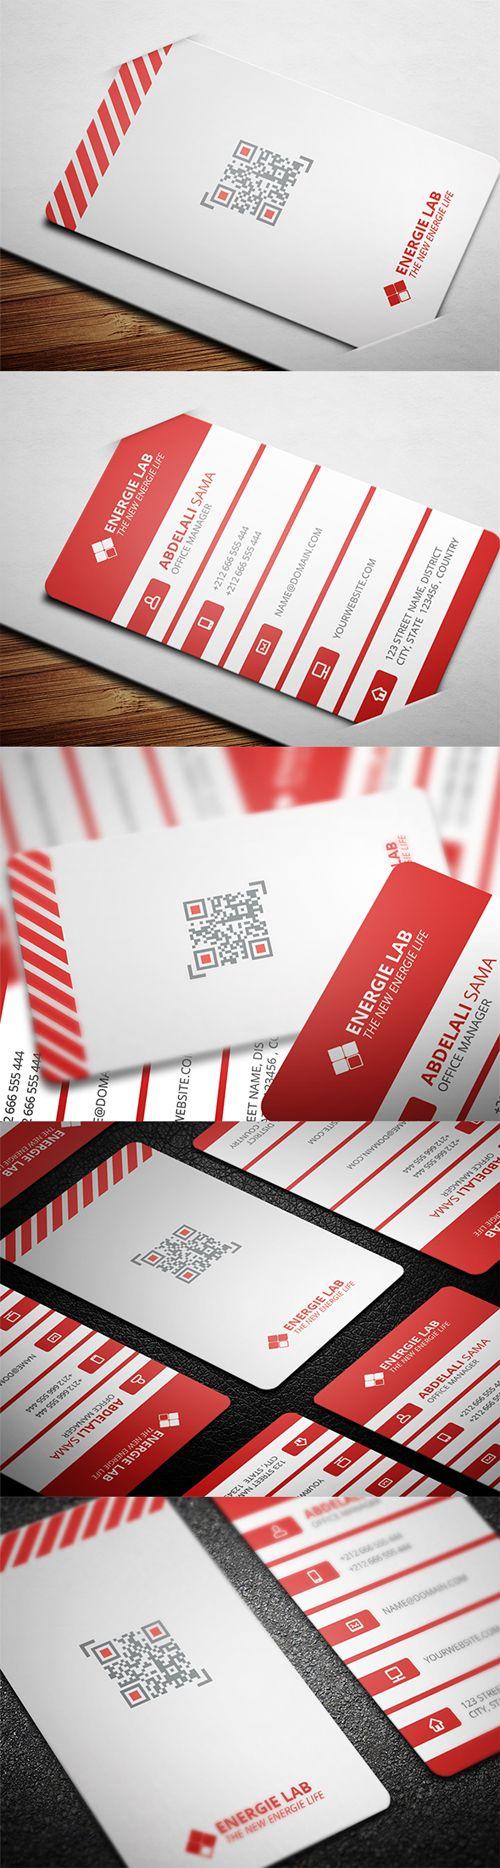 business cards template design - 6 #businesscards #creativebusinesscards #2014design